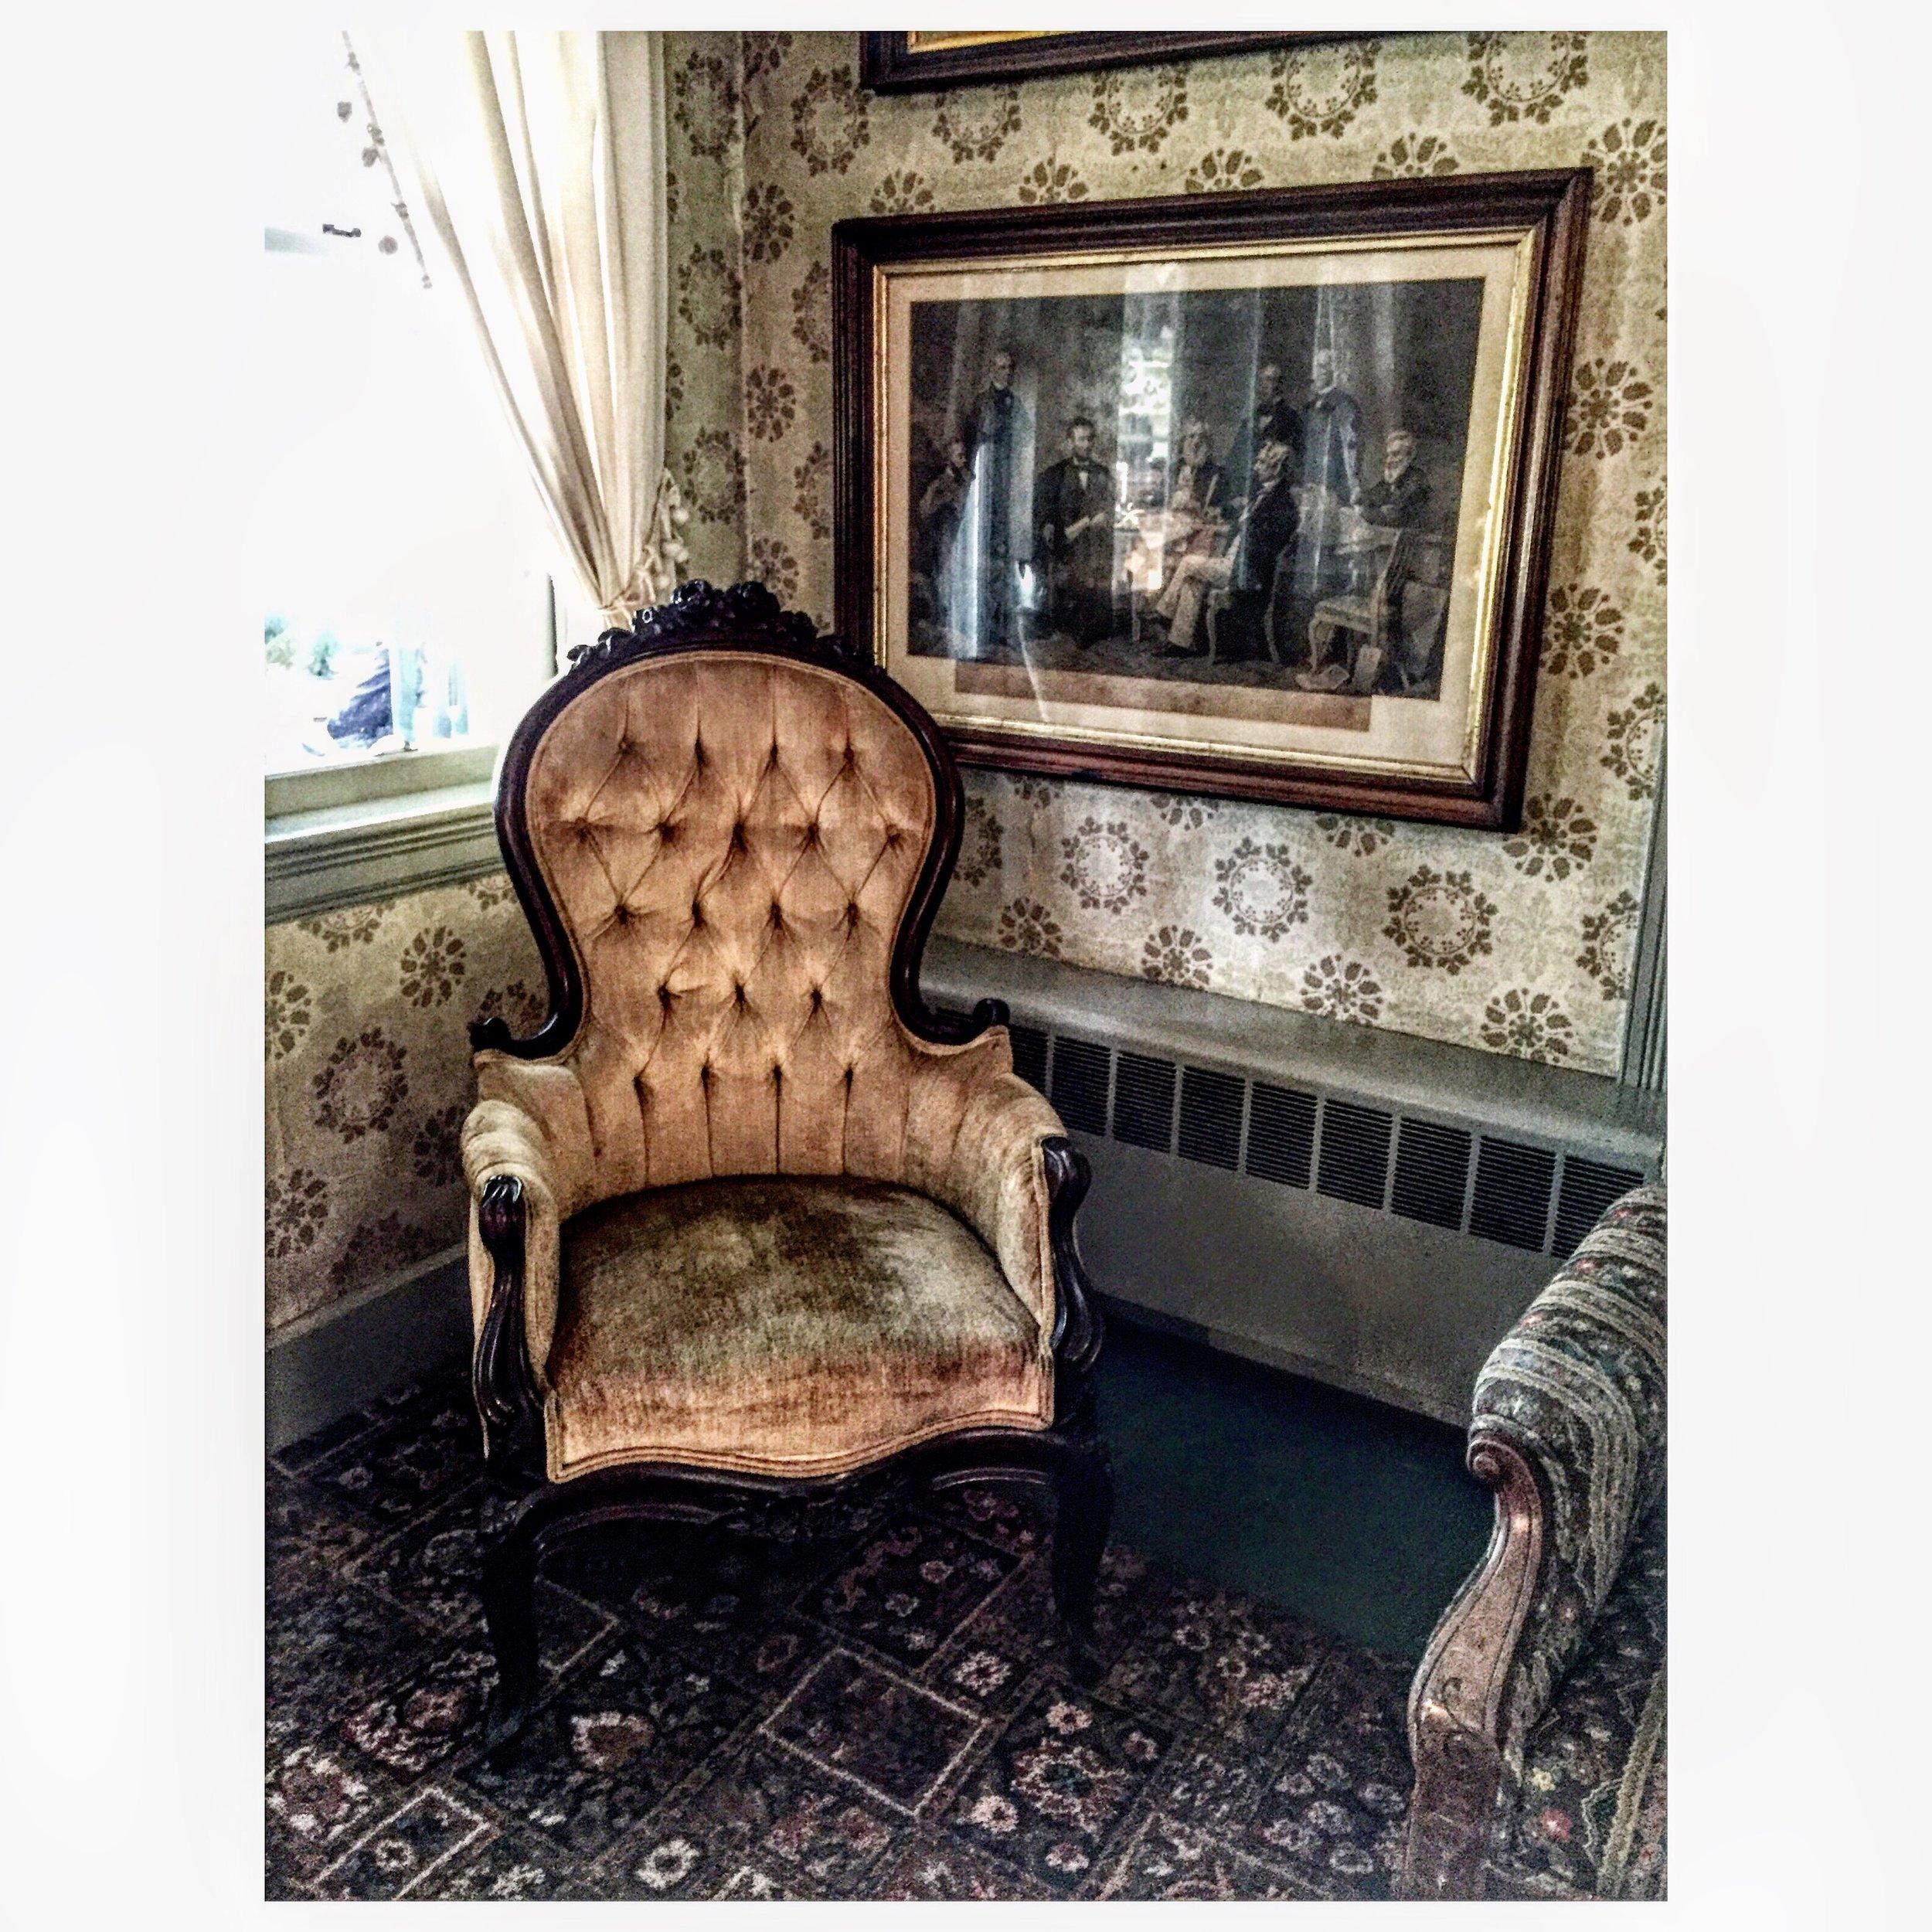 The historical   Red Lion Inn   in historic Stockbridge, MA